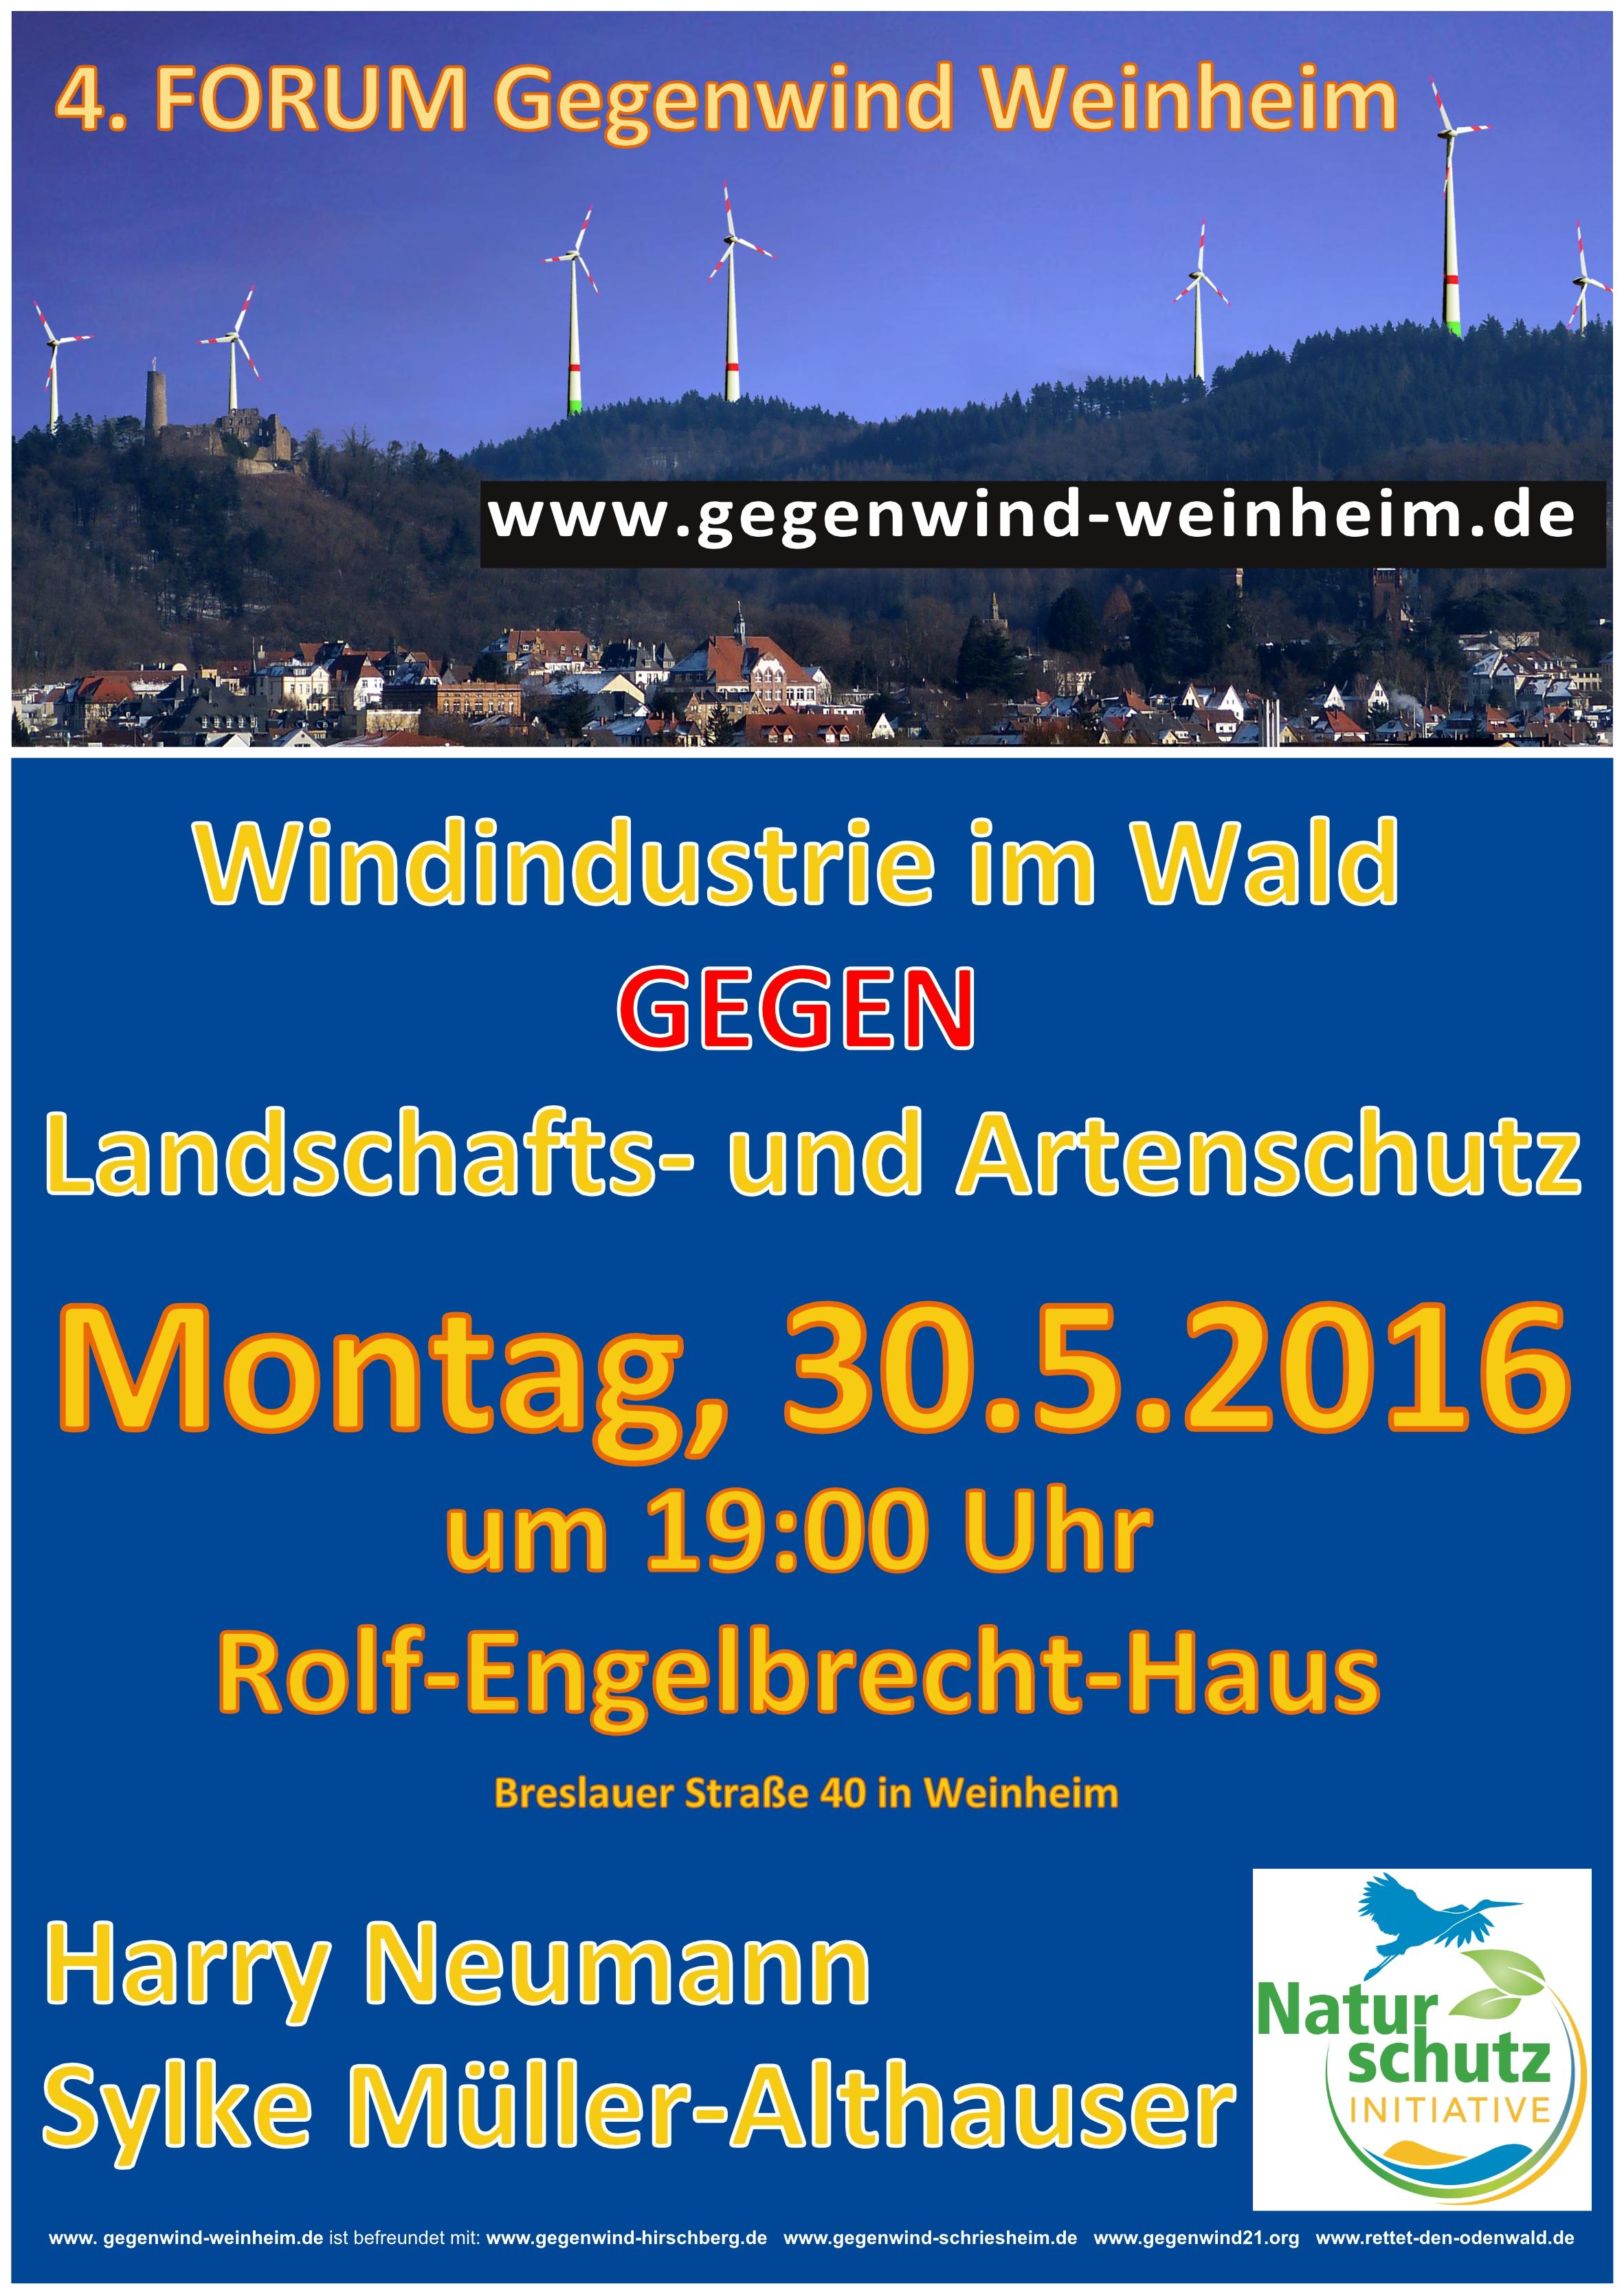 4 Forum Gegenwind Weinheim am 30 5 2016